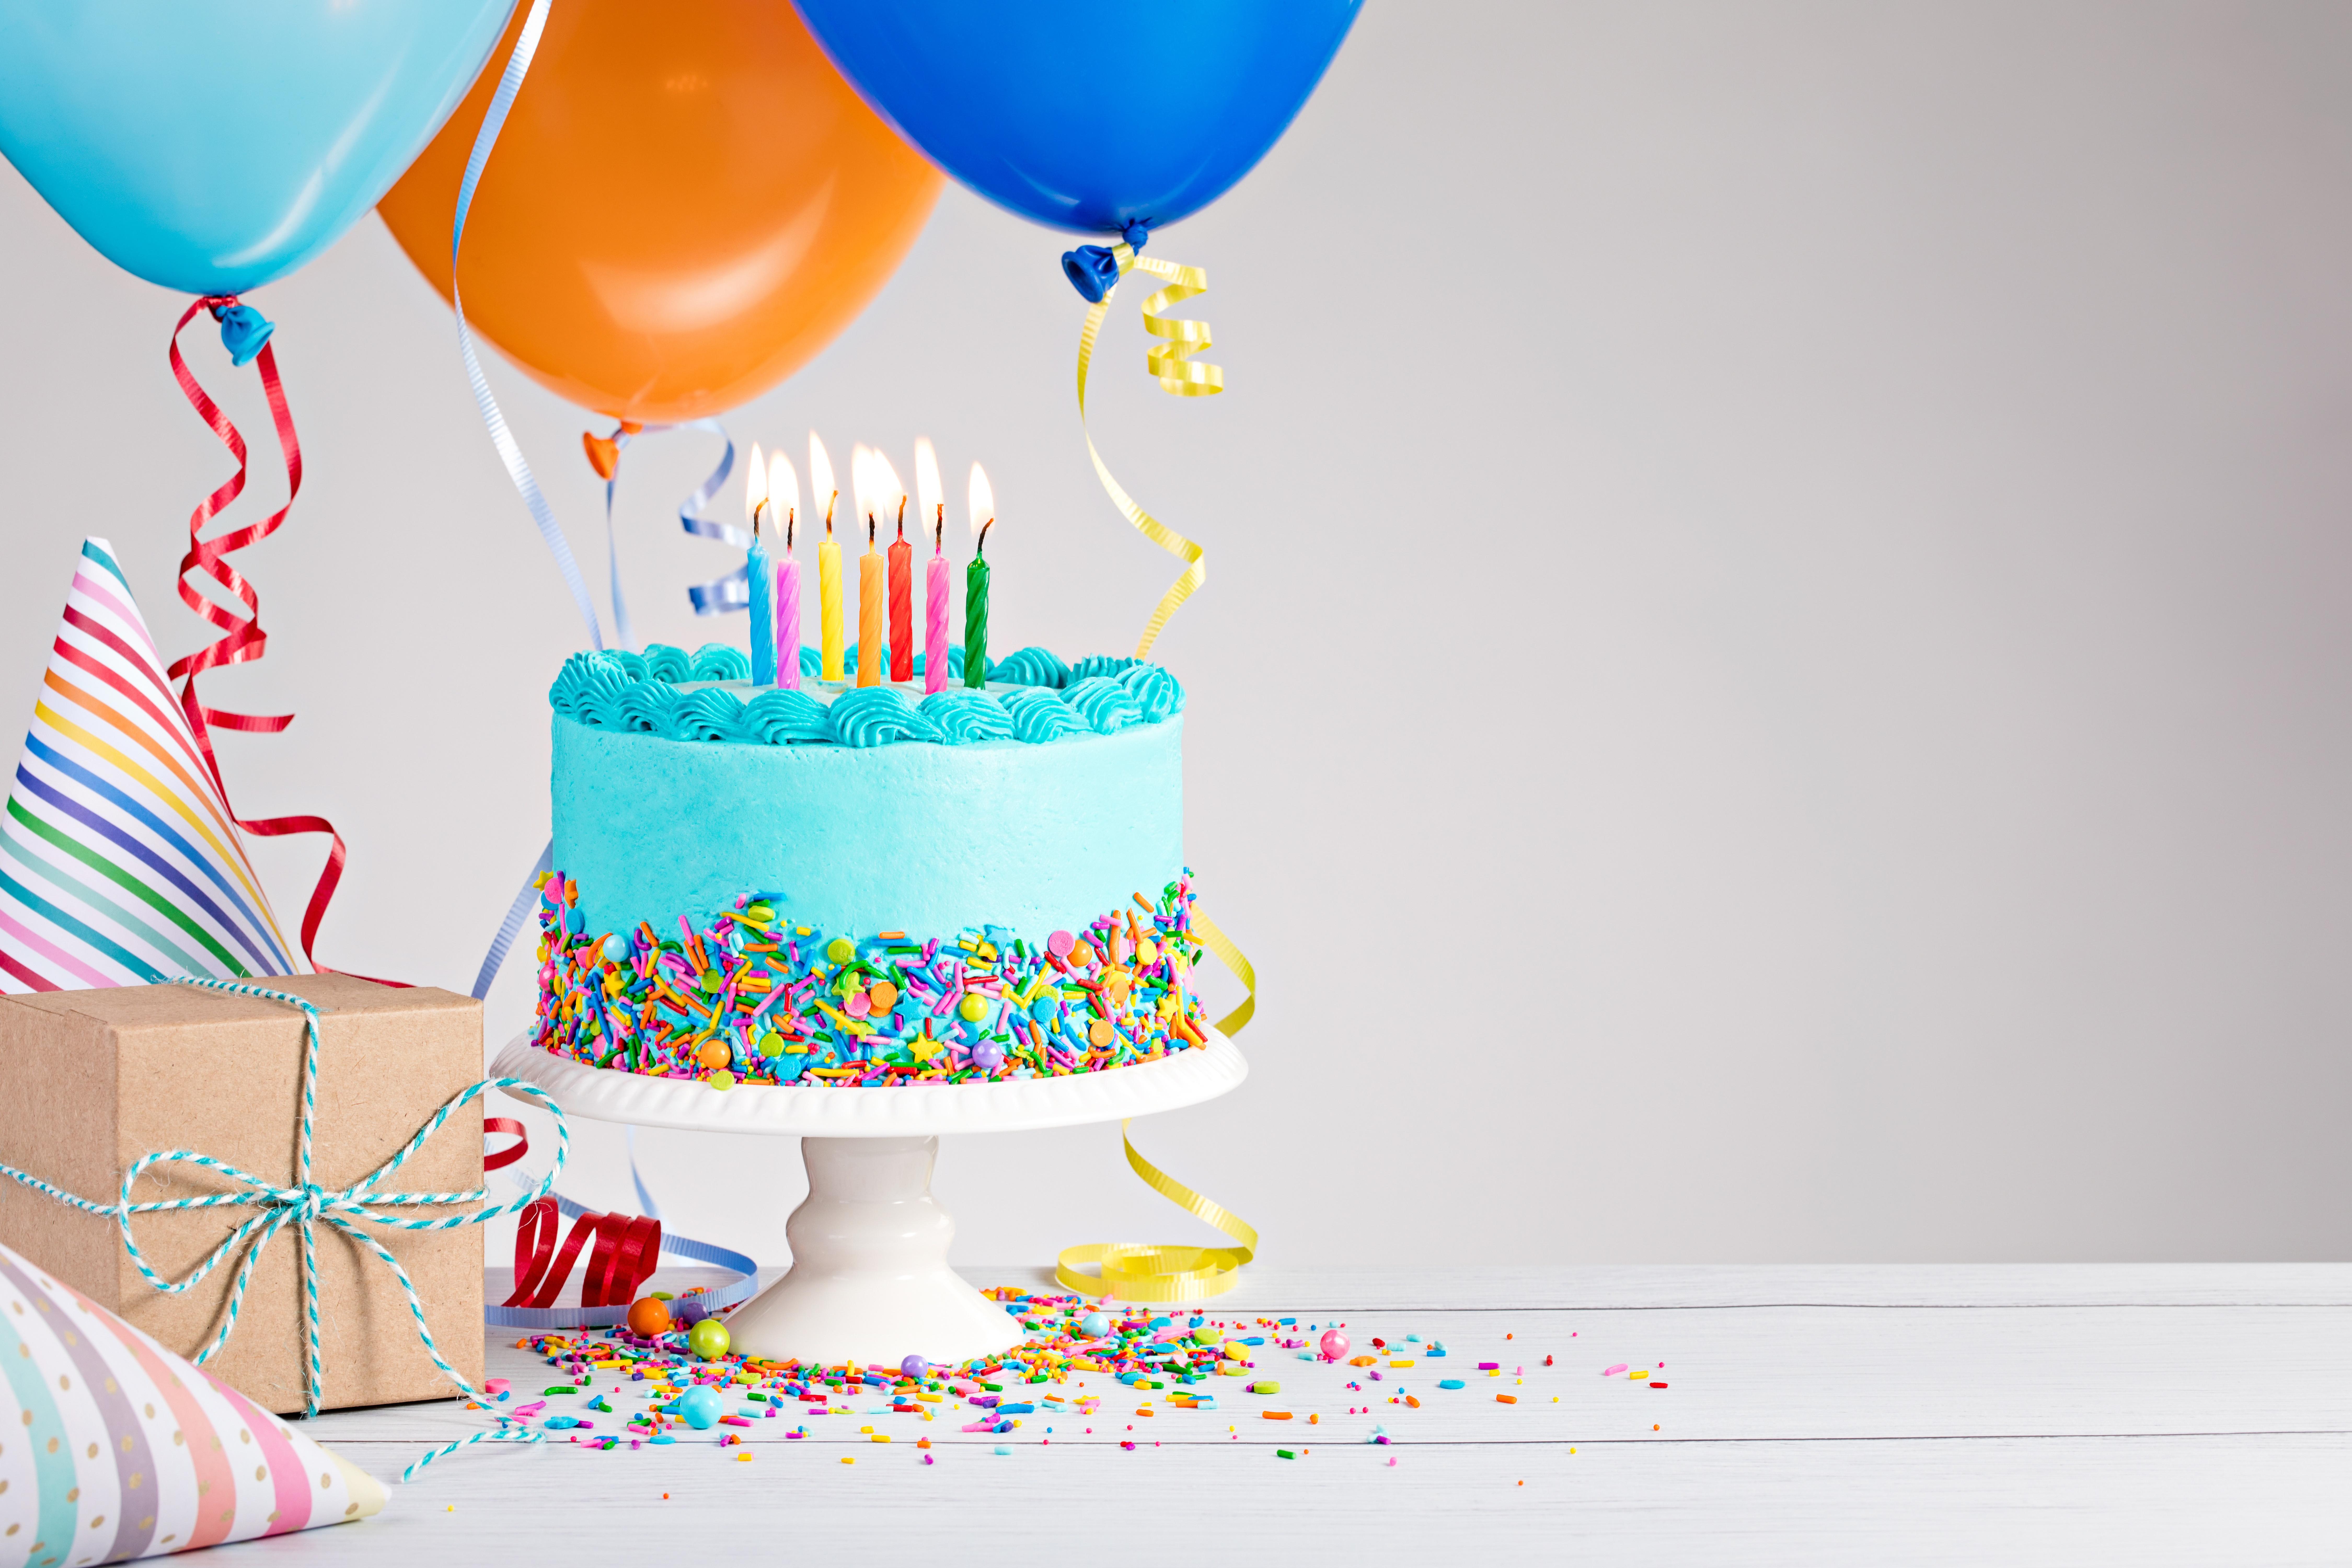 данный картинки с тортом и подарками на день рождения желтка